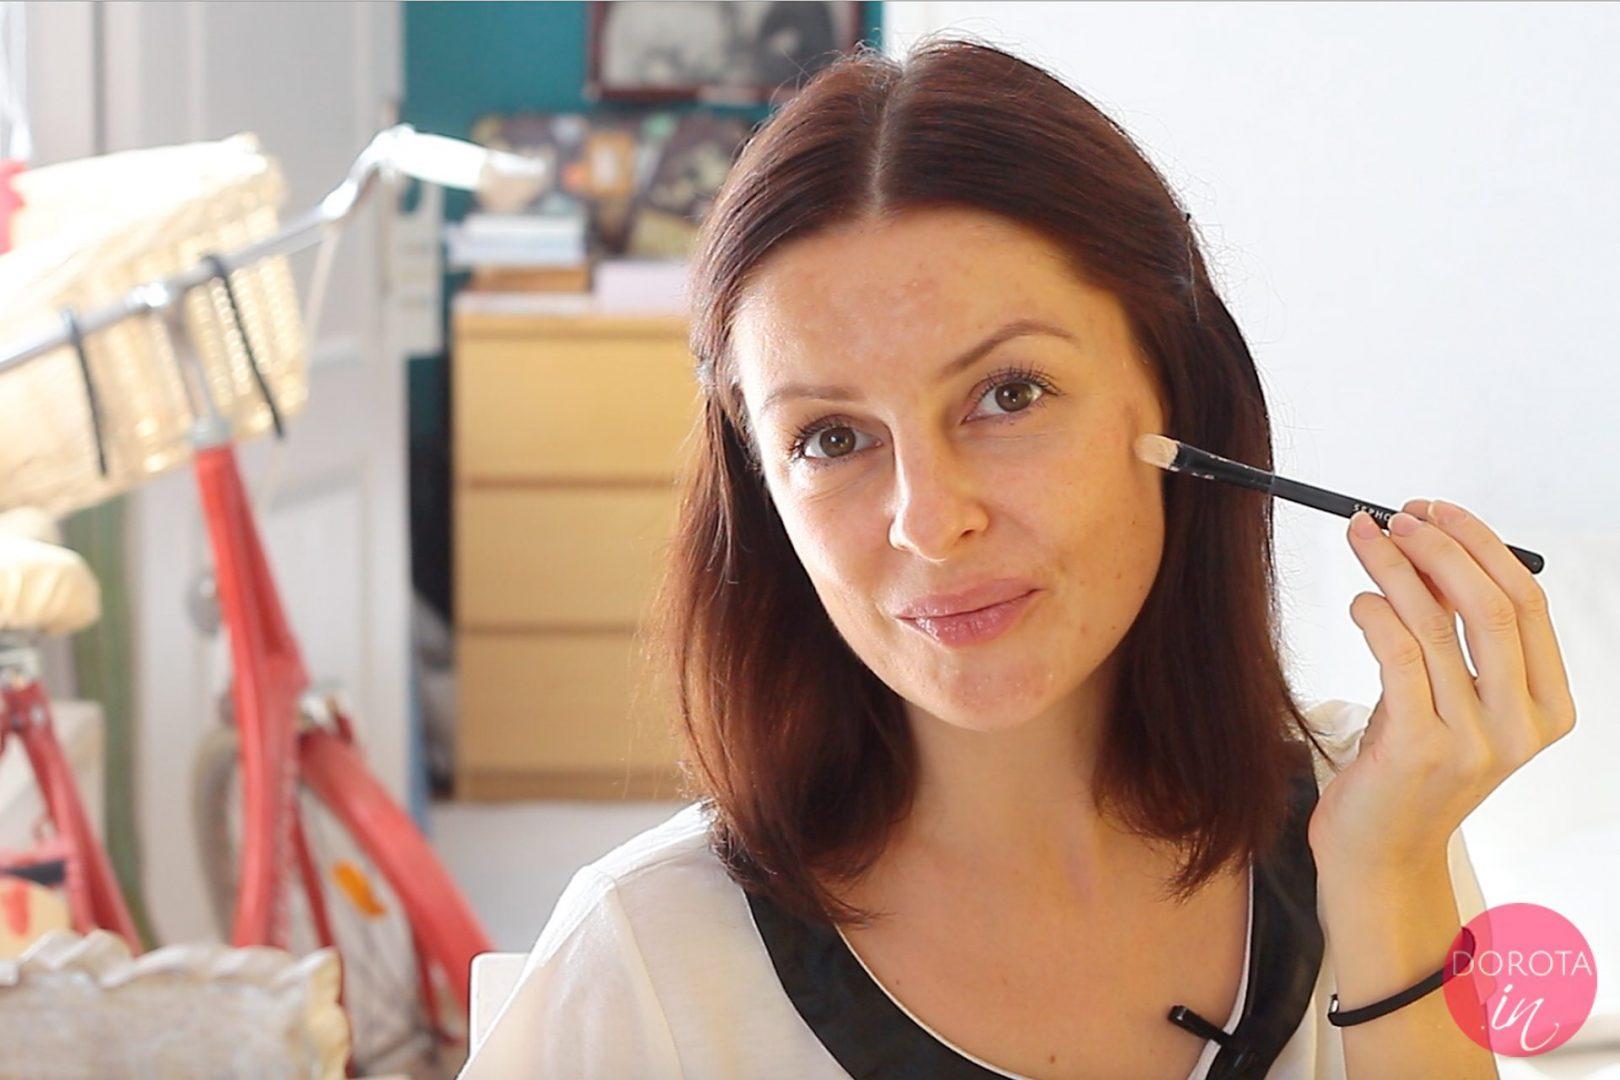 Makijaż Permanentny Brwi Nigdy Więcej 6 Lat Po Dorota Kamińska